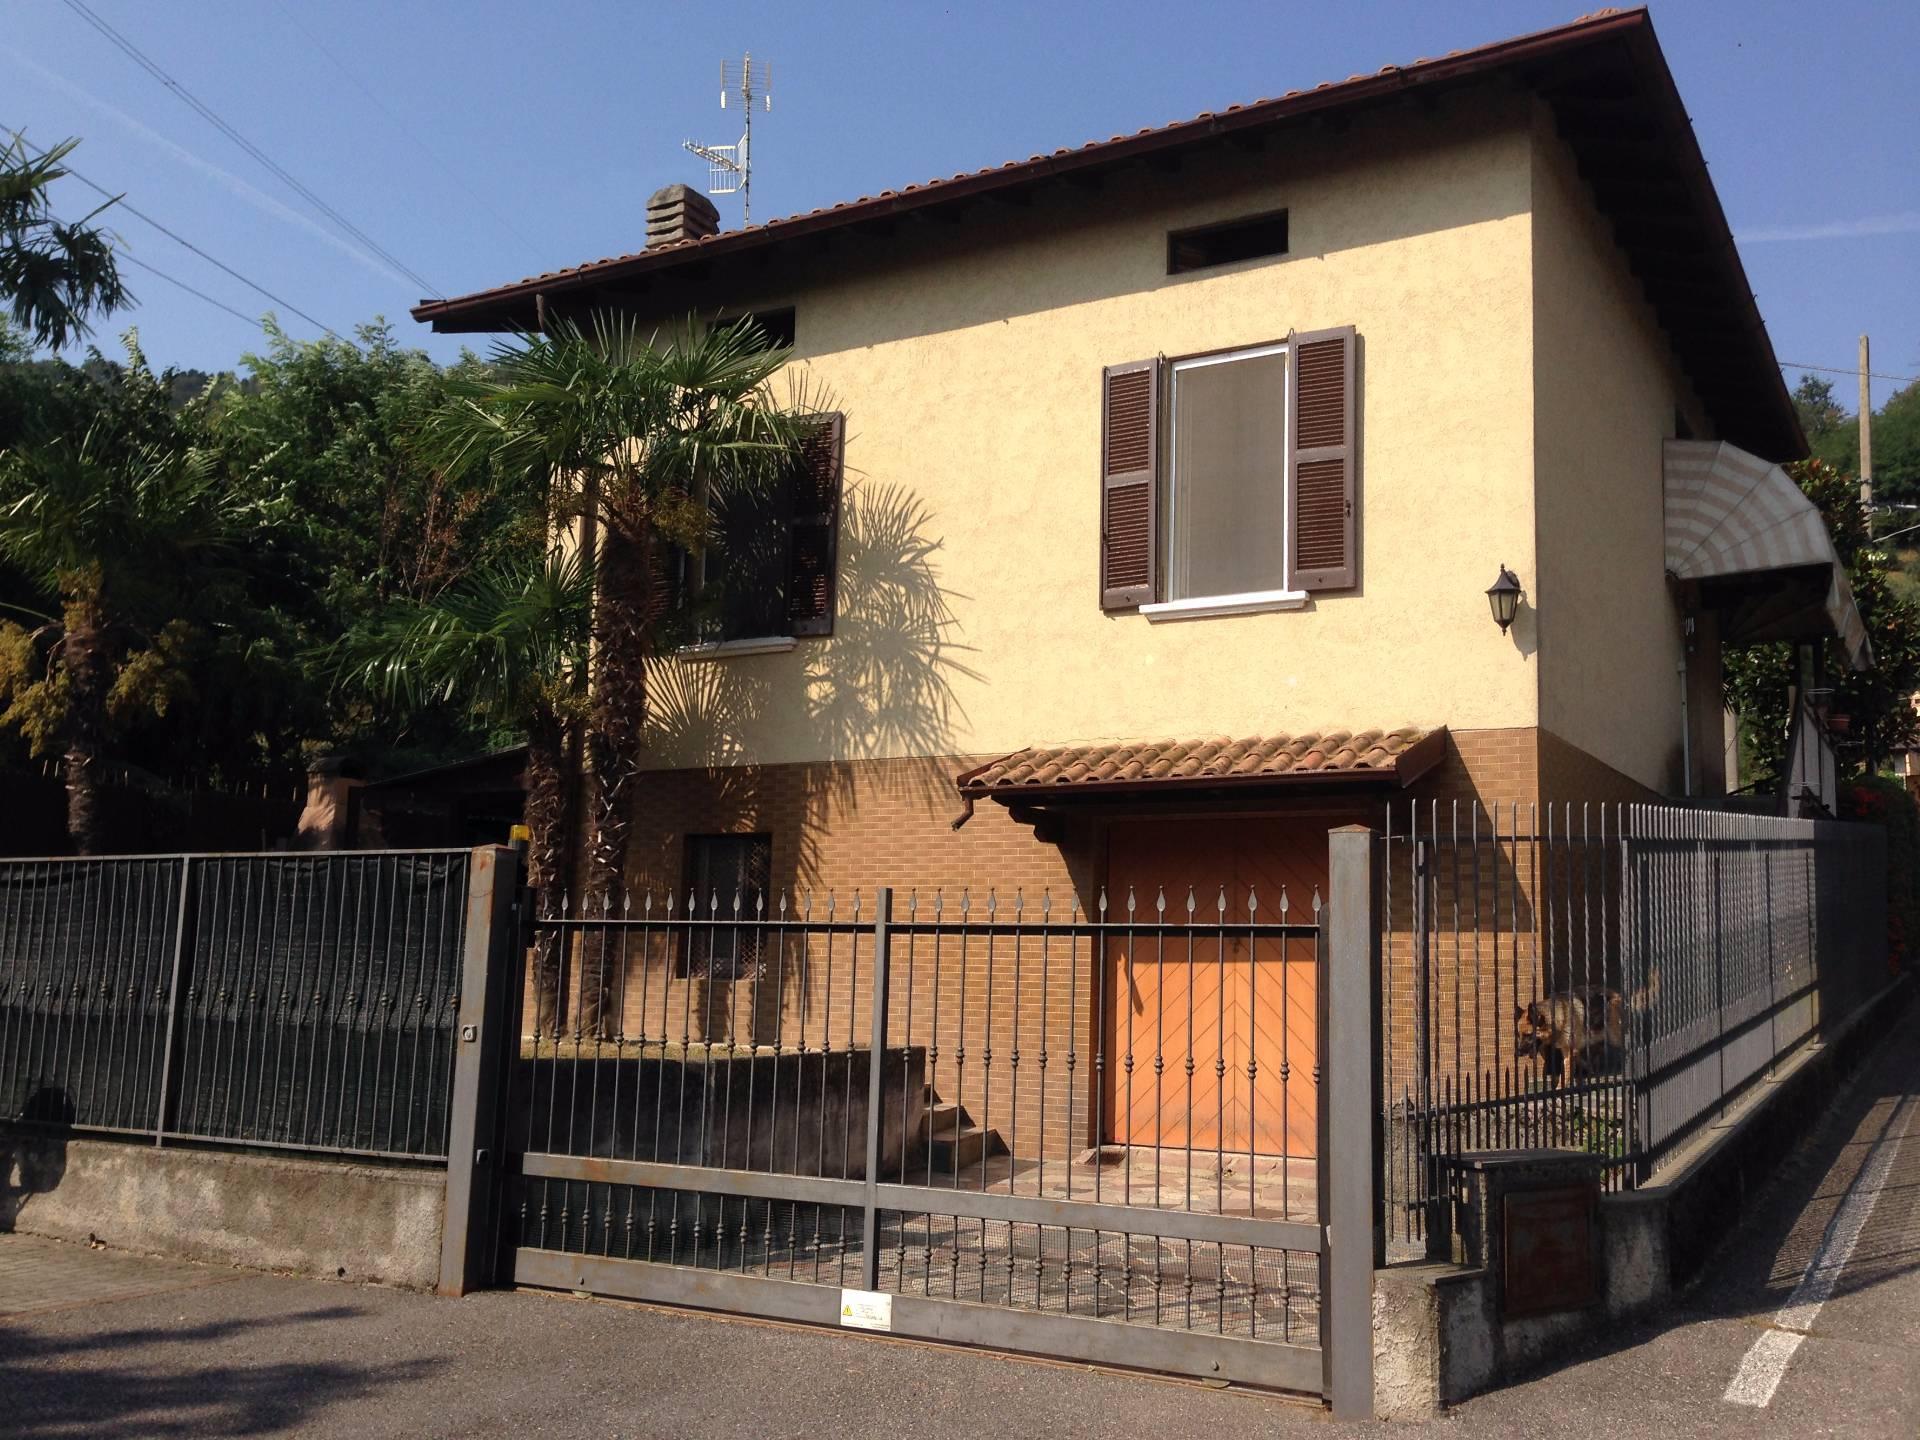 Villa in vendita a Valgreghentino, 3 locali, prezzo € 175.000 | Cambio Casa.it